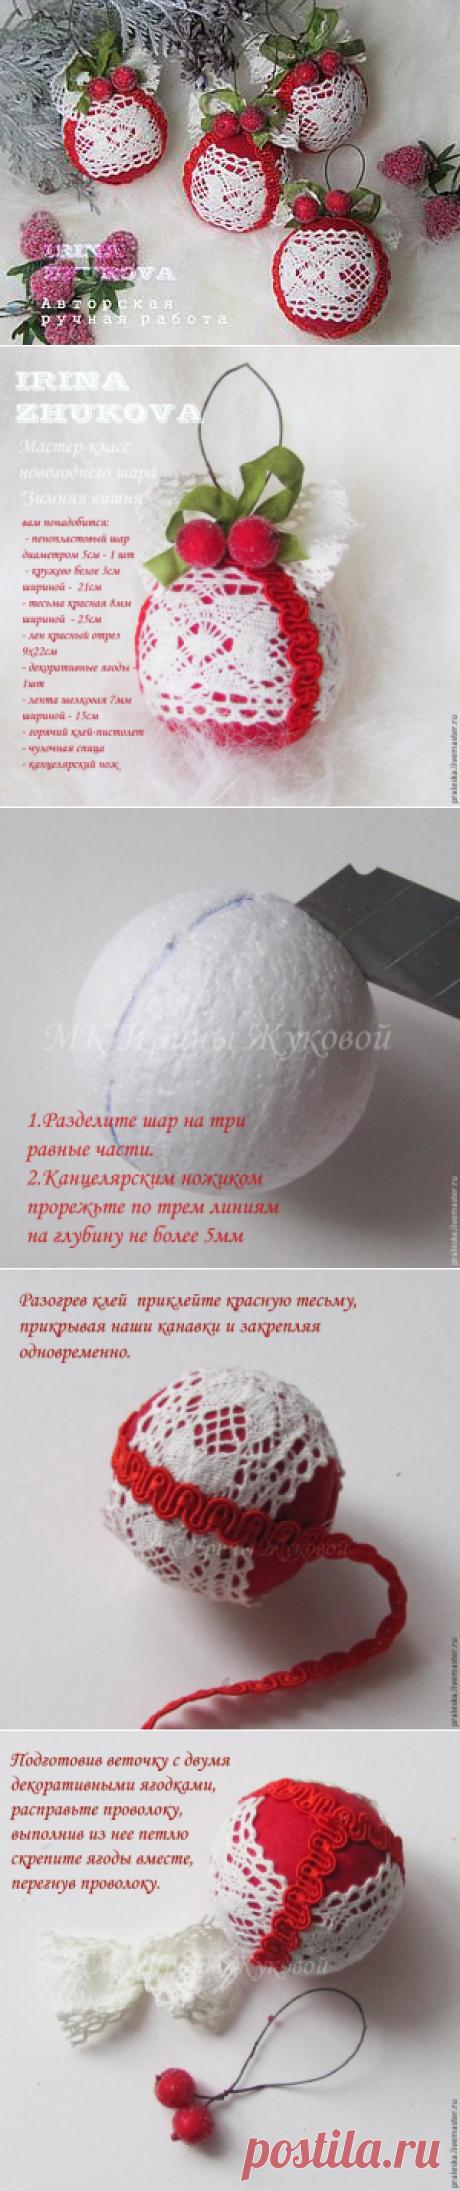 Делаем новогодние шары «Зимняя вишня»